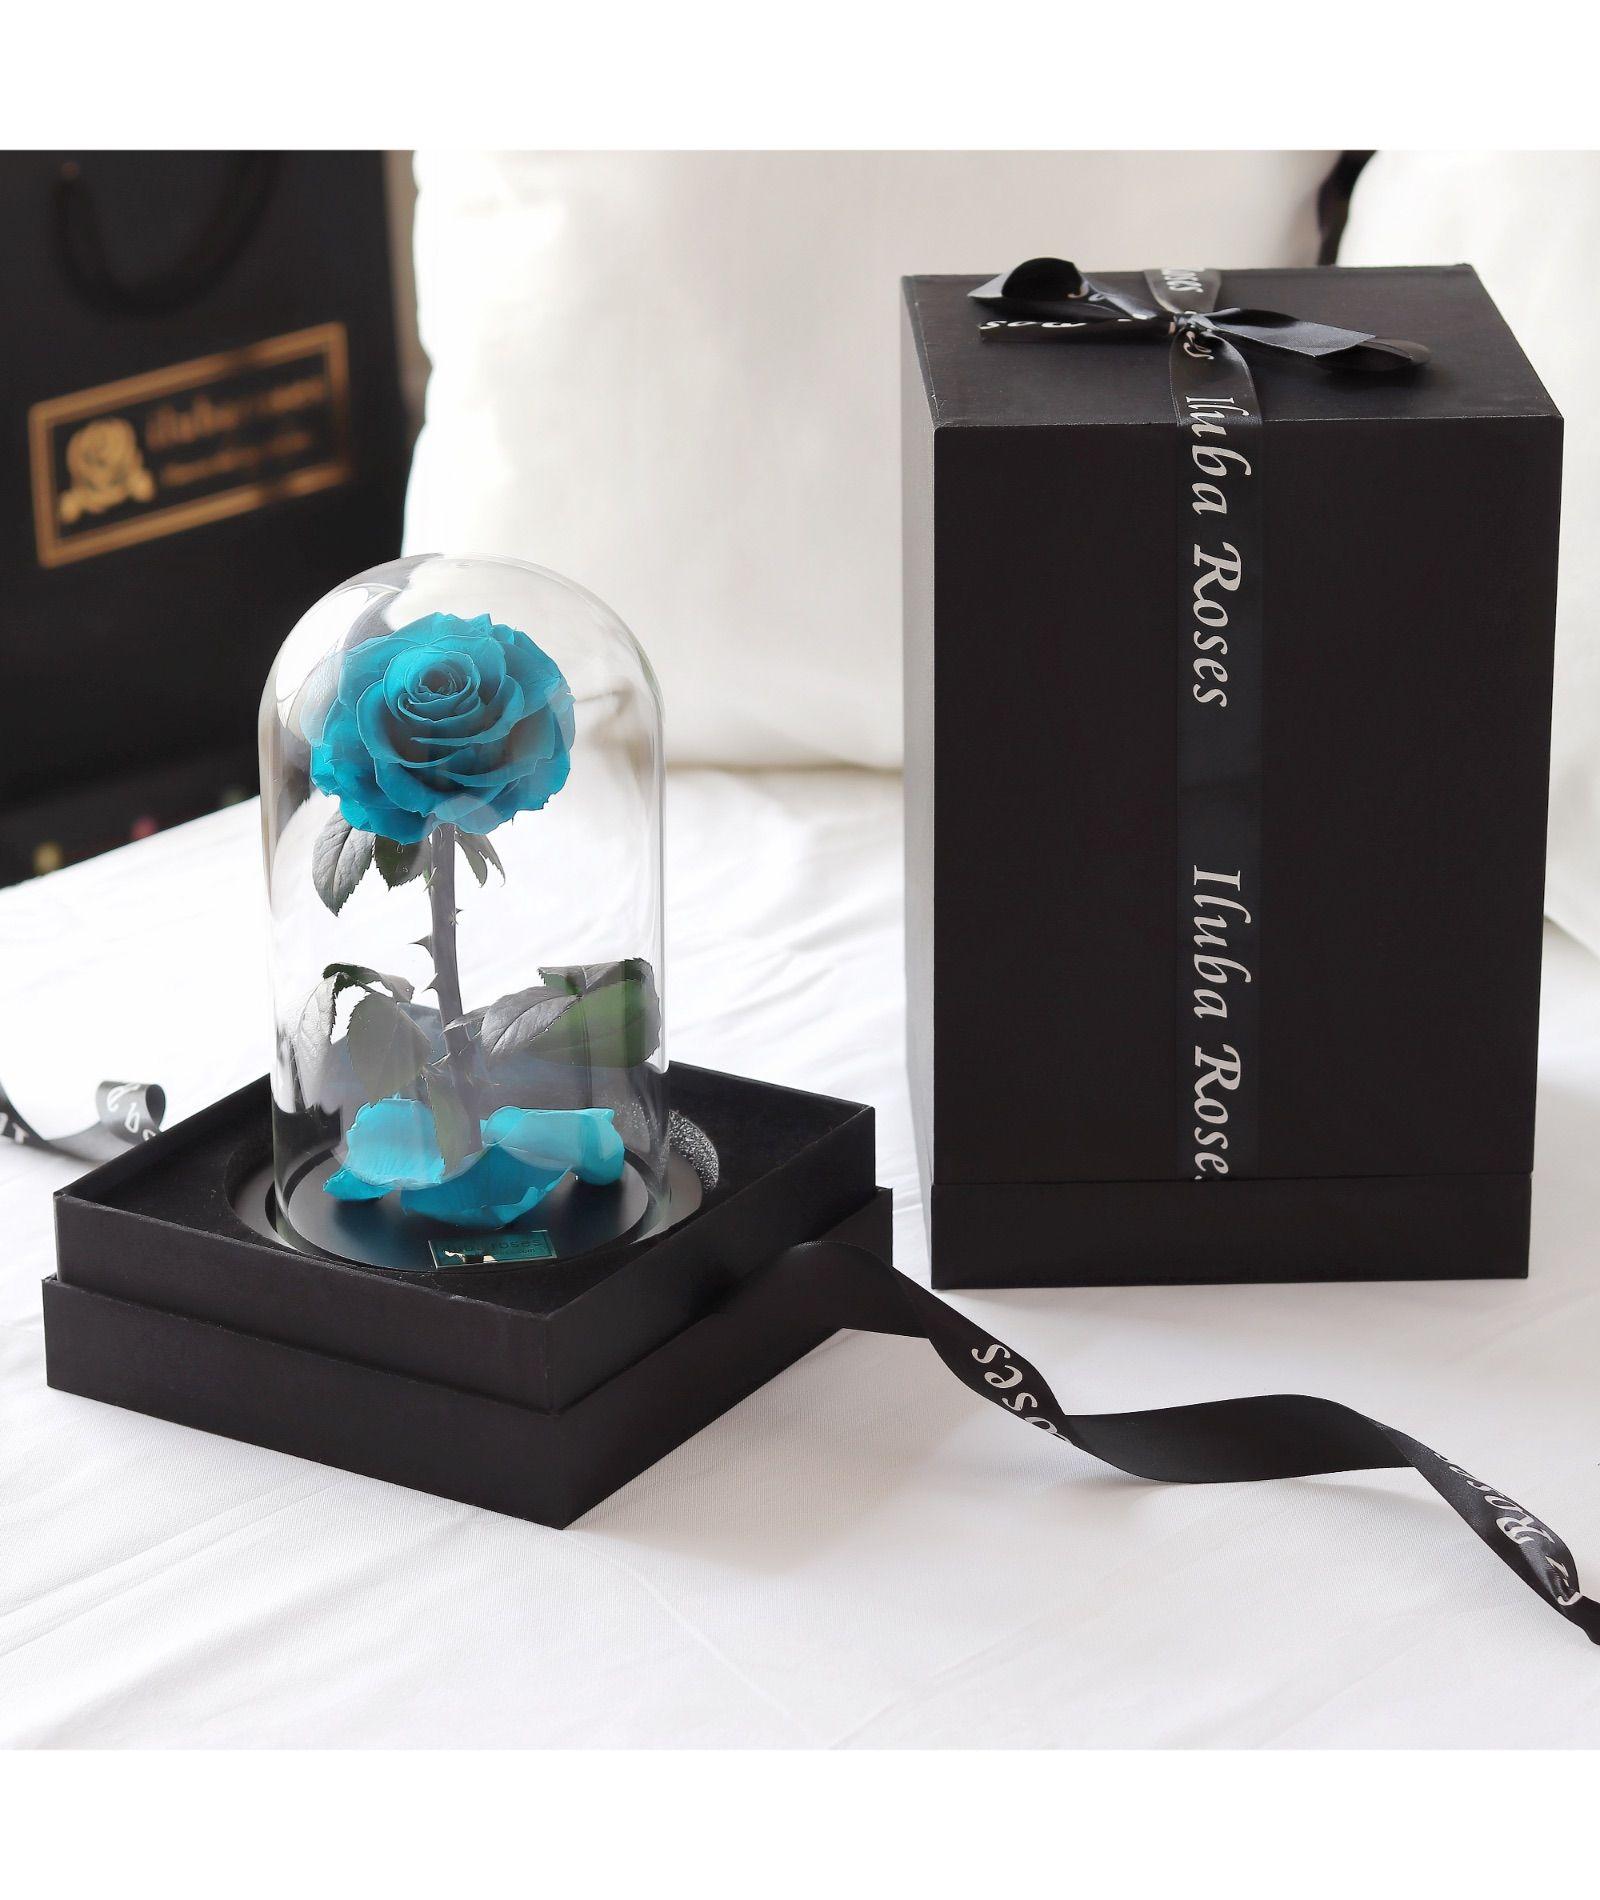 وردة ايلوبا روزز تيفاني داخل فازة زجاجية Perfume Bottles Beauty Perfume